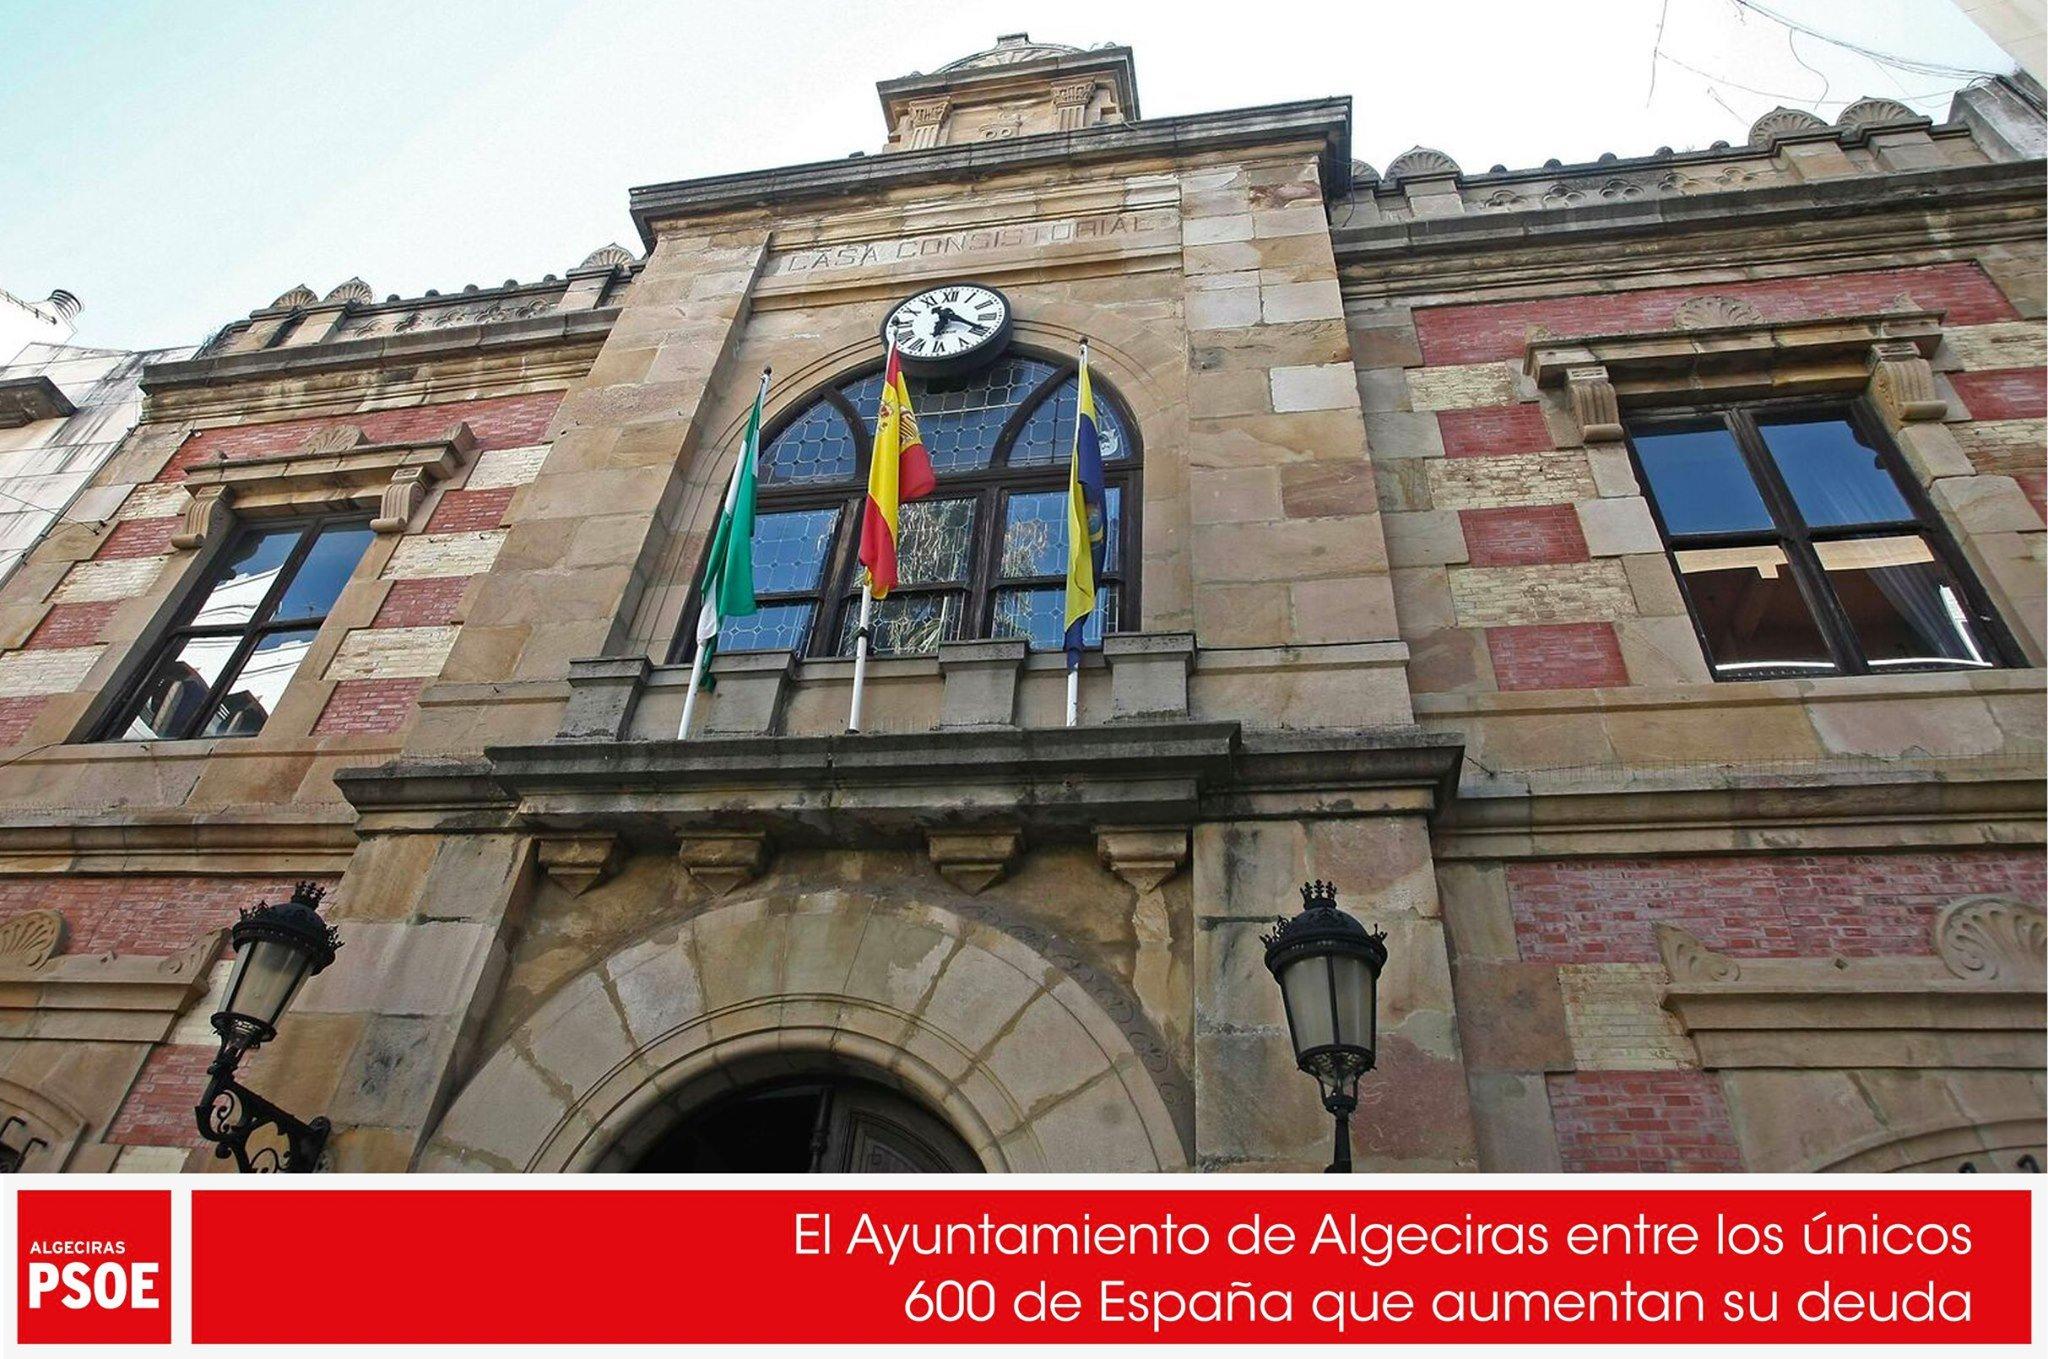 El Ayuntamiento de Algeciras, entre los únicos 600 de España que aumentan su deuda